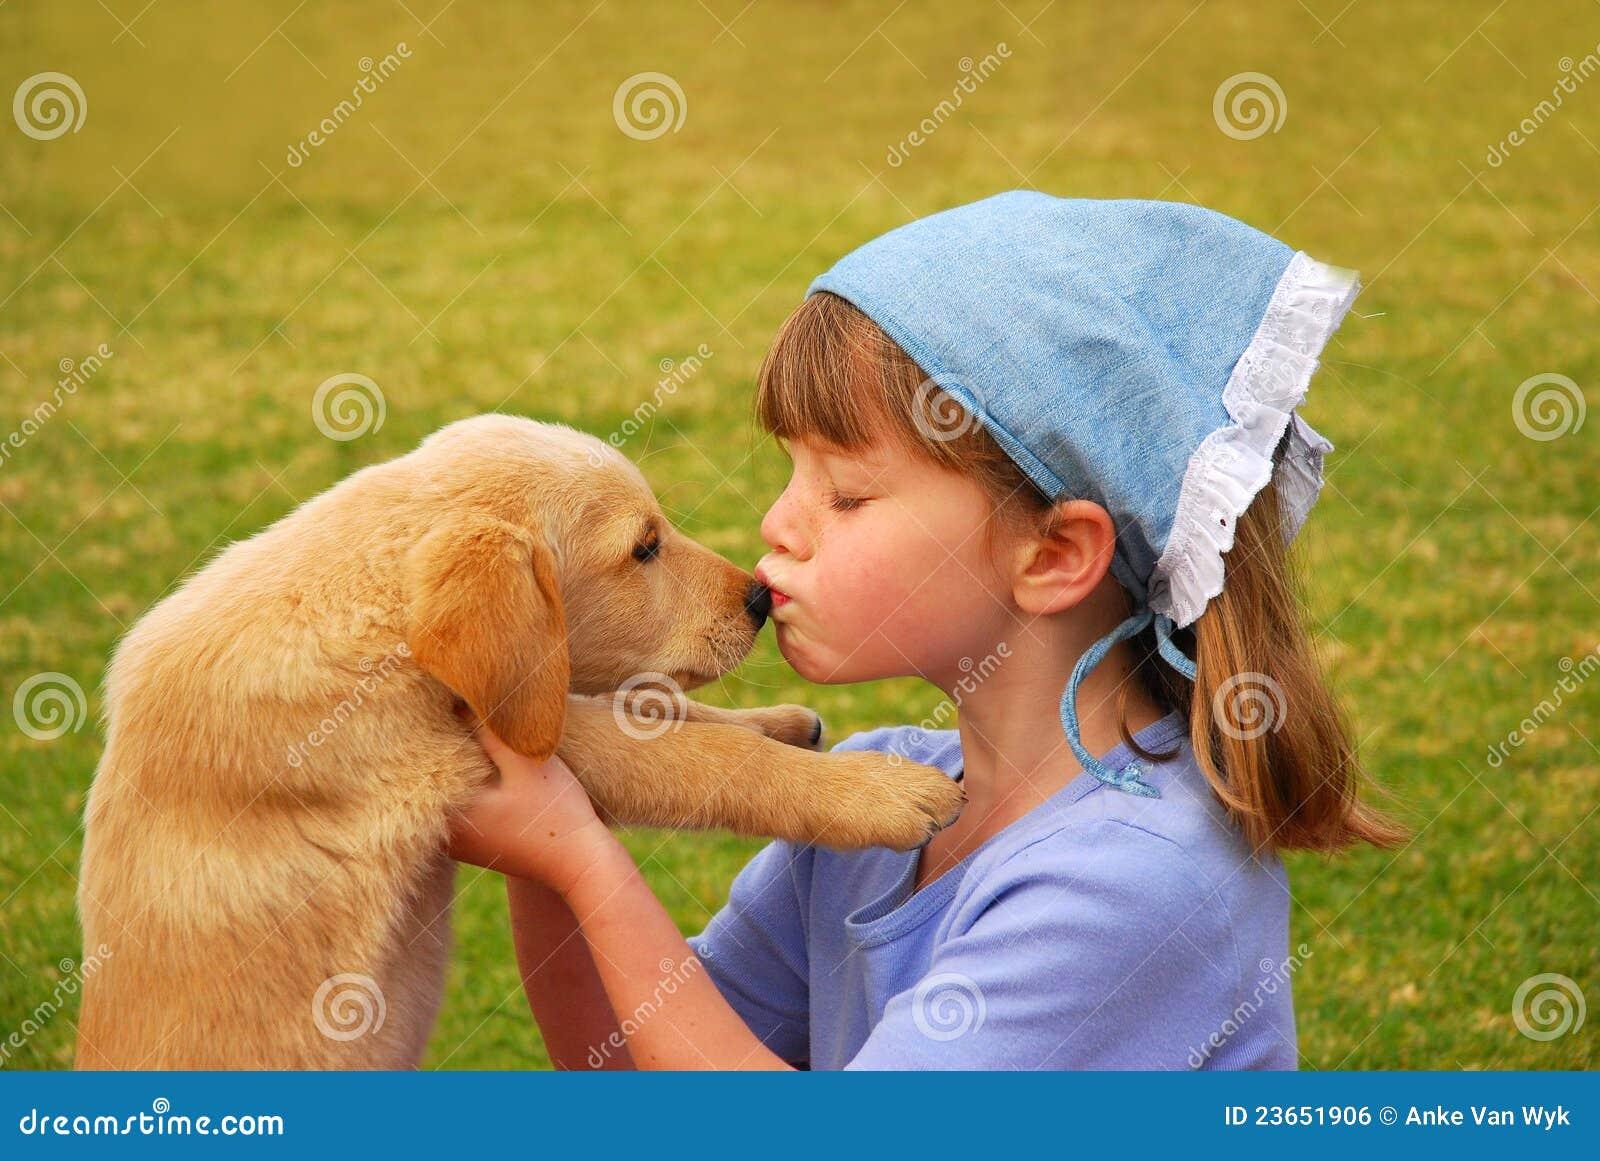 Flicka henne kyssande liten valp